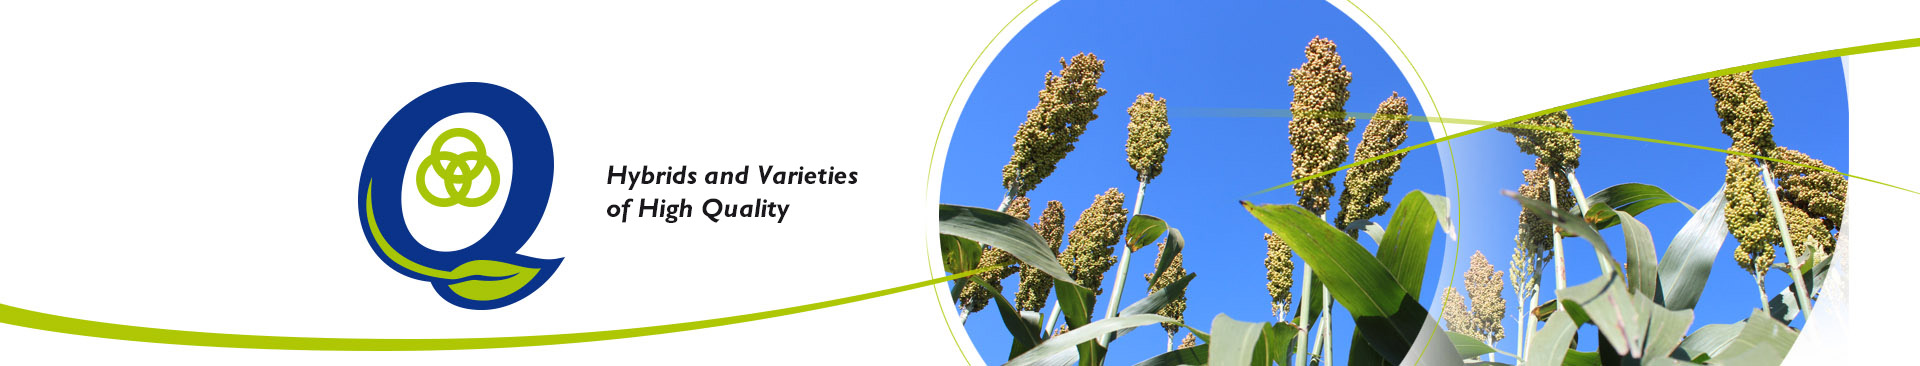 0002 – Quimarsem SA semillas genetica argentina